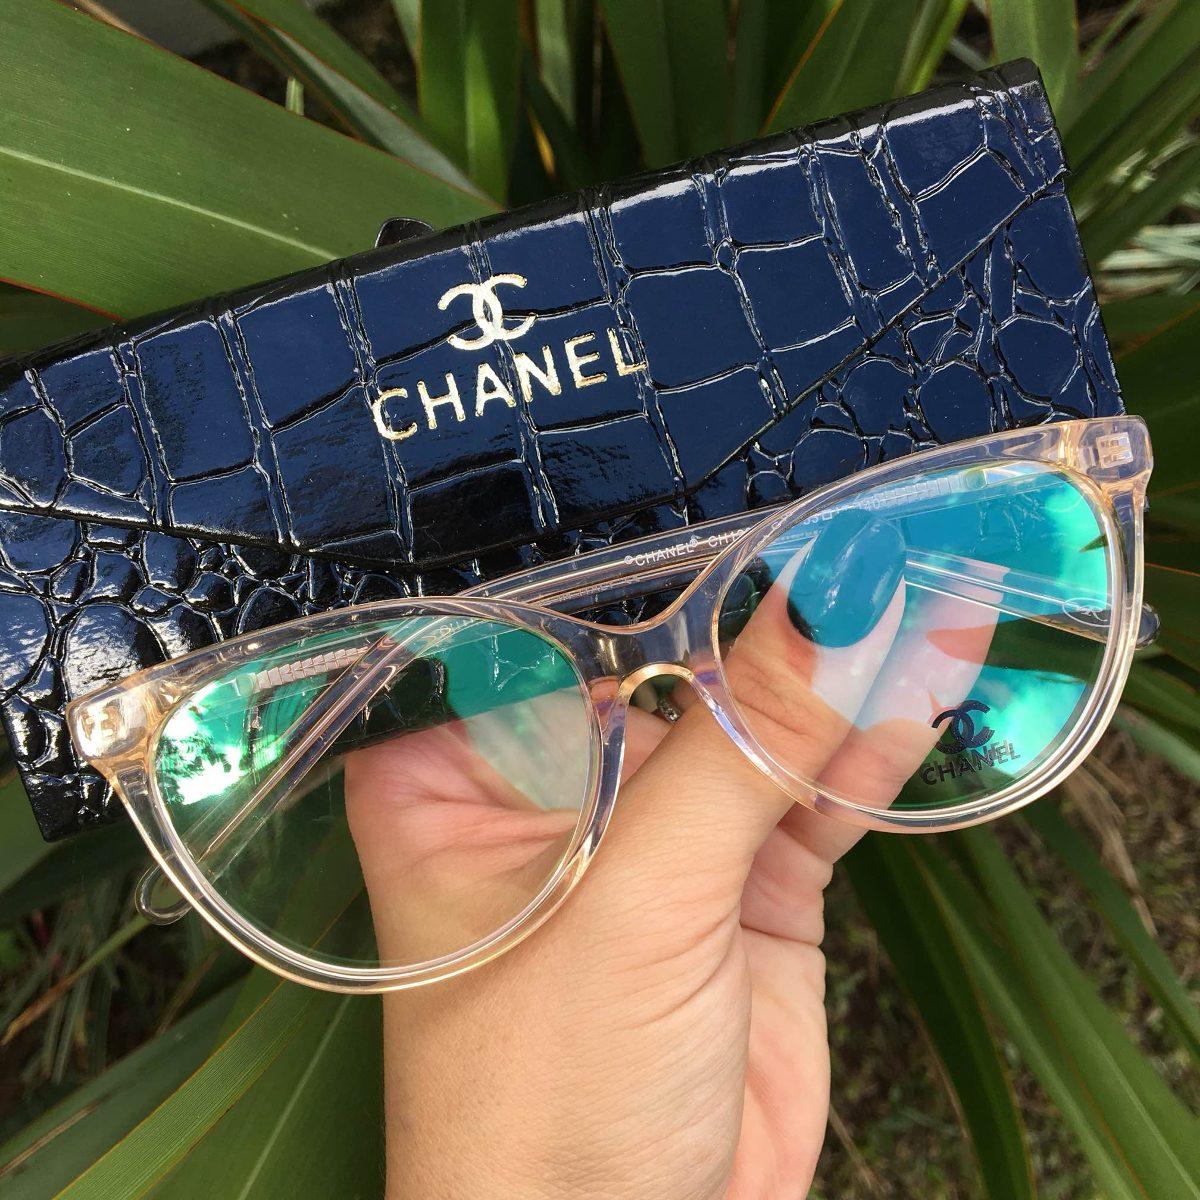 a97fea726dff8 oculos armacao chanel transparente dourada. Carregando zoom.